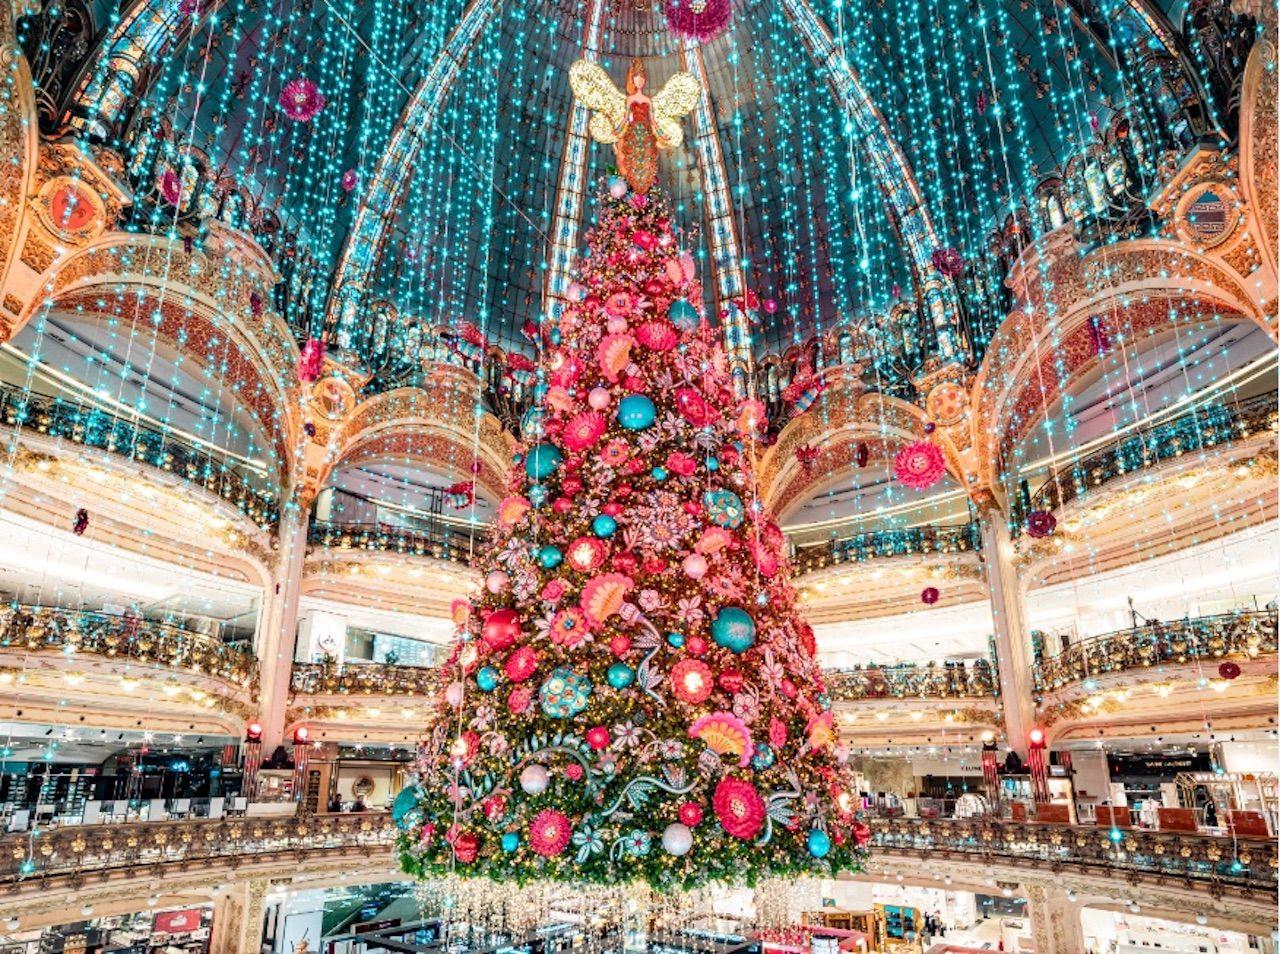 غاليري لافاييت شجرة عيد الميلاد